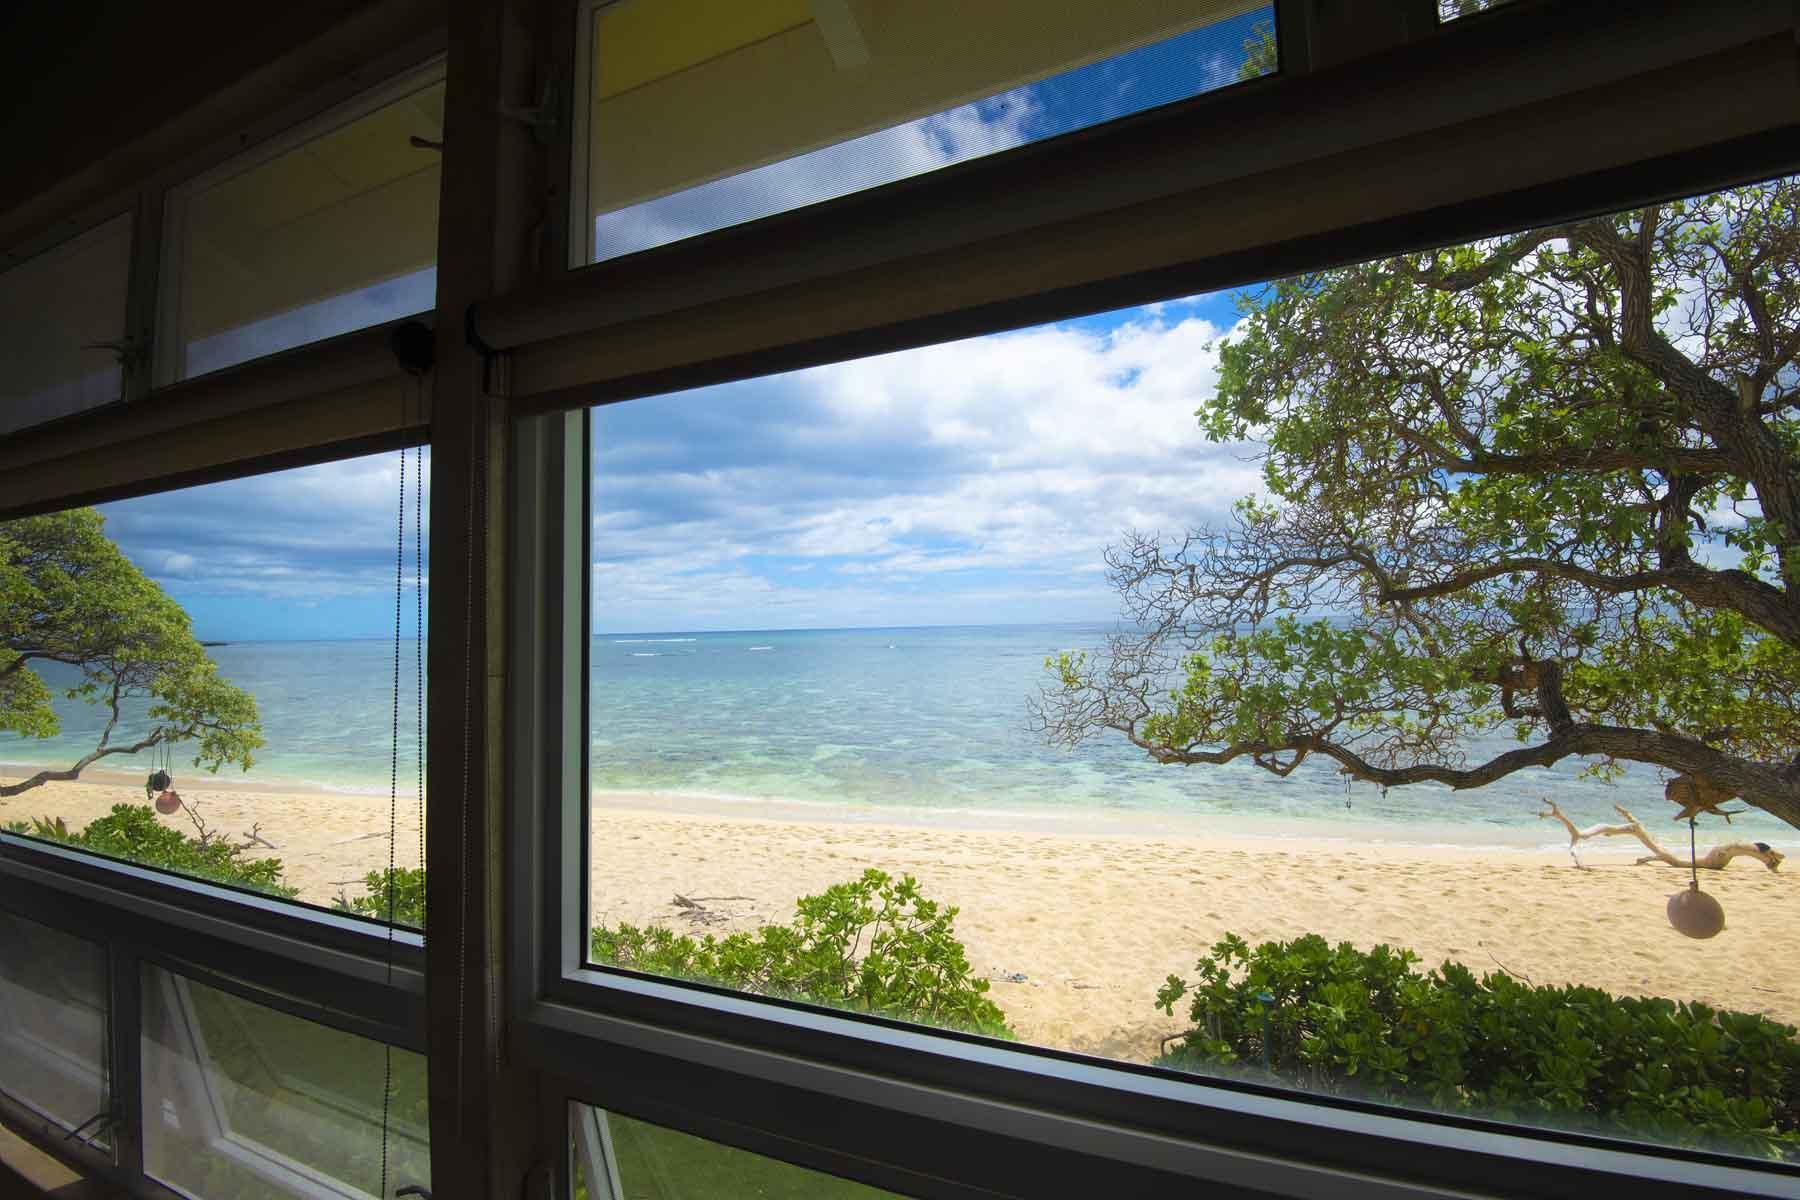 Views of beach & ocean.